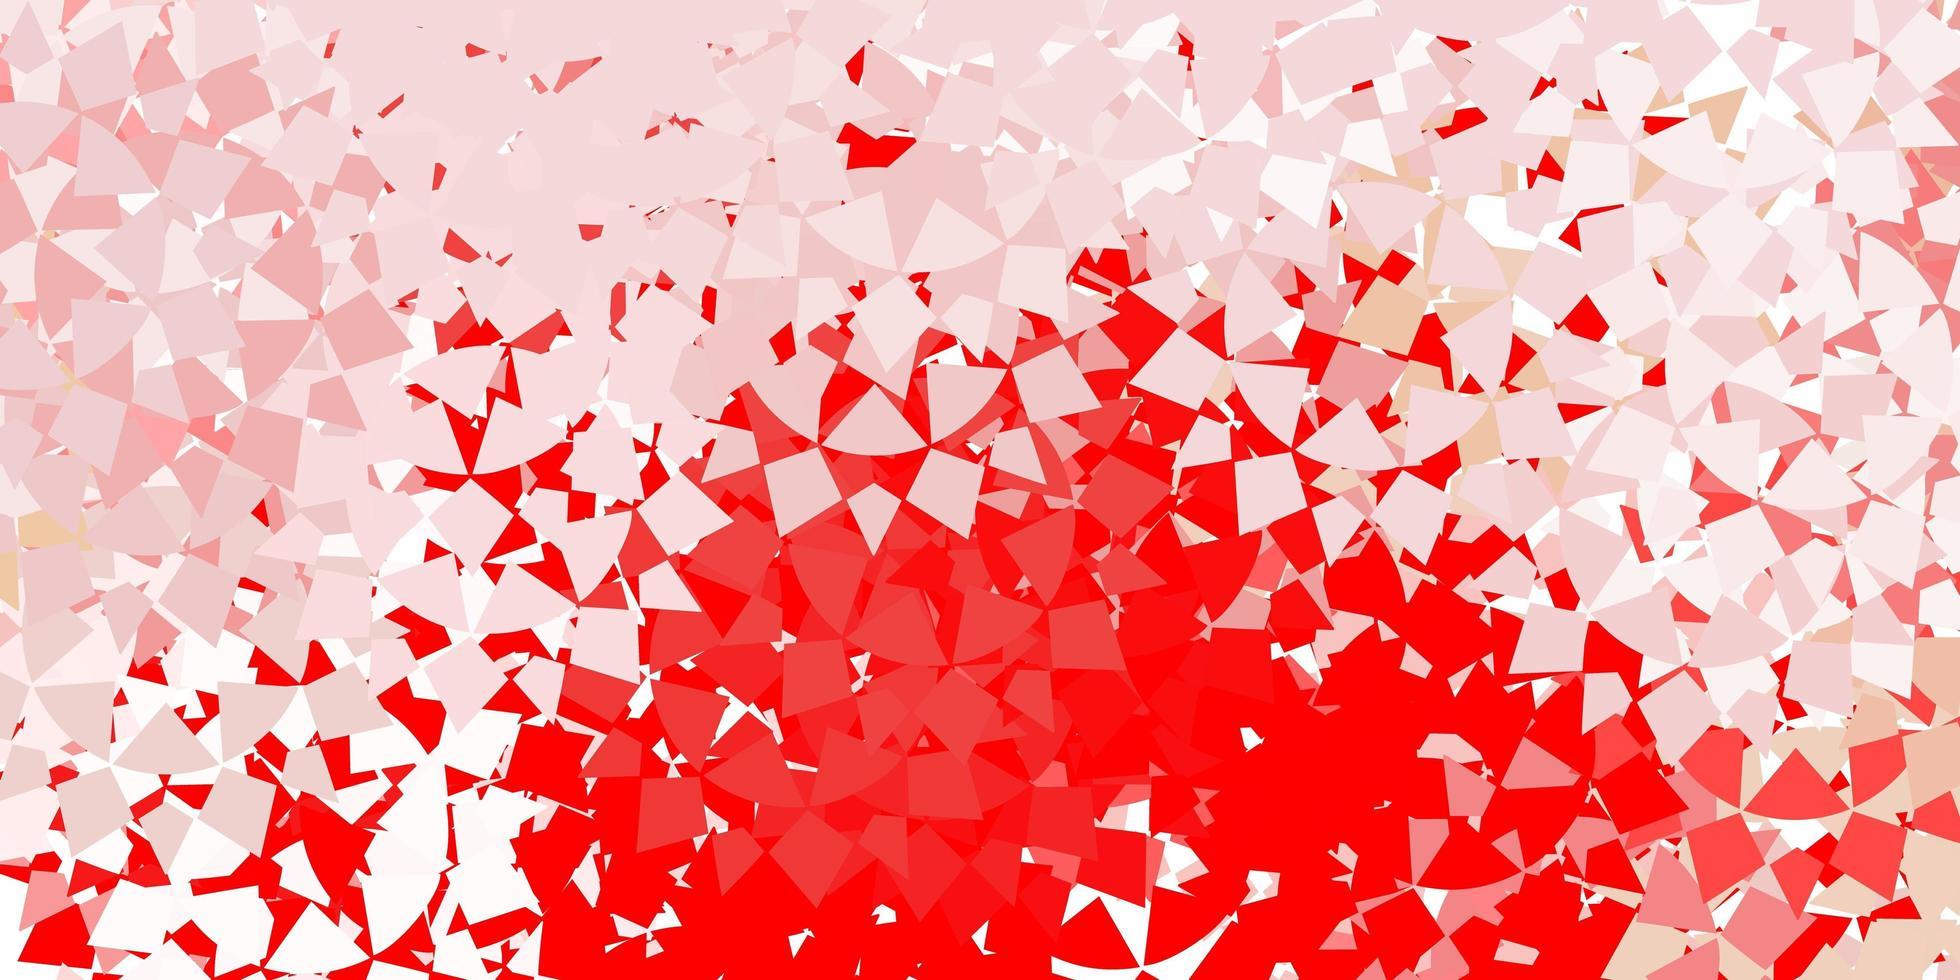 rotes Layout mit Linien, Dreiecken. vektor